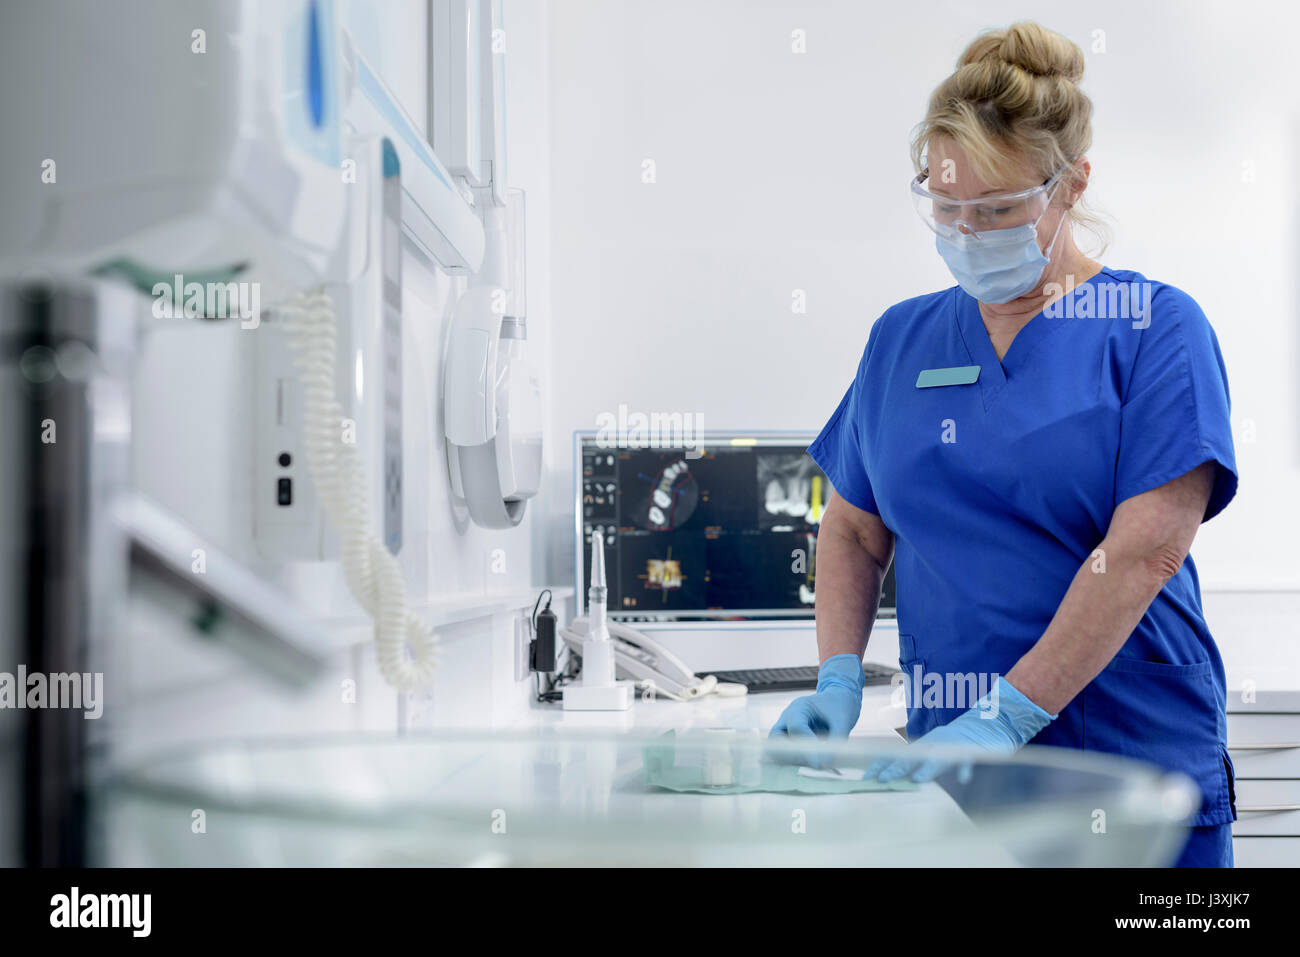 Enfermera auxiliar en cirugía dental Imagen De Stock